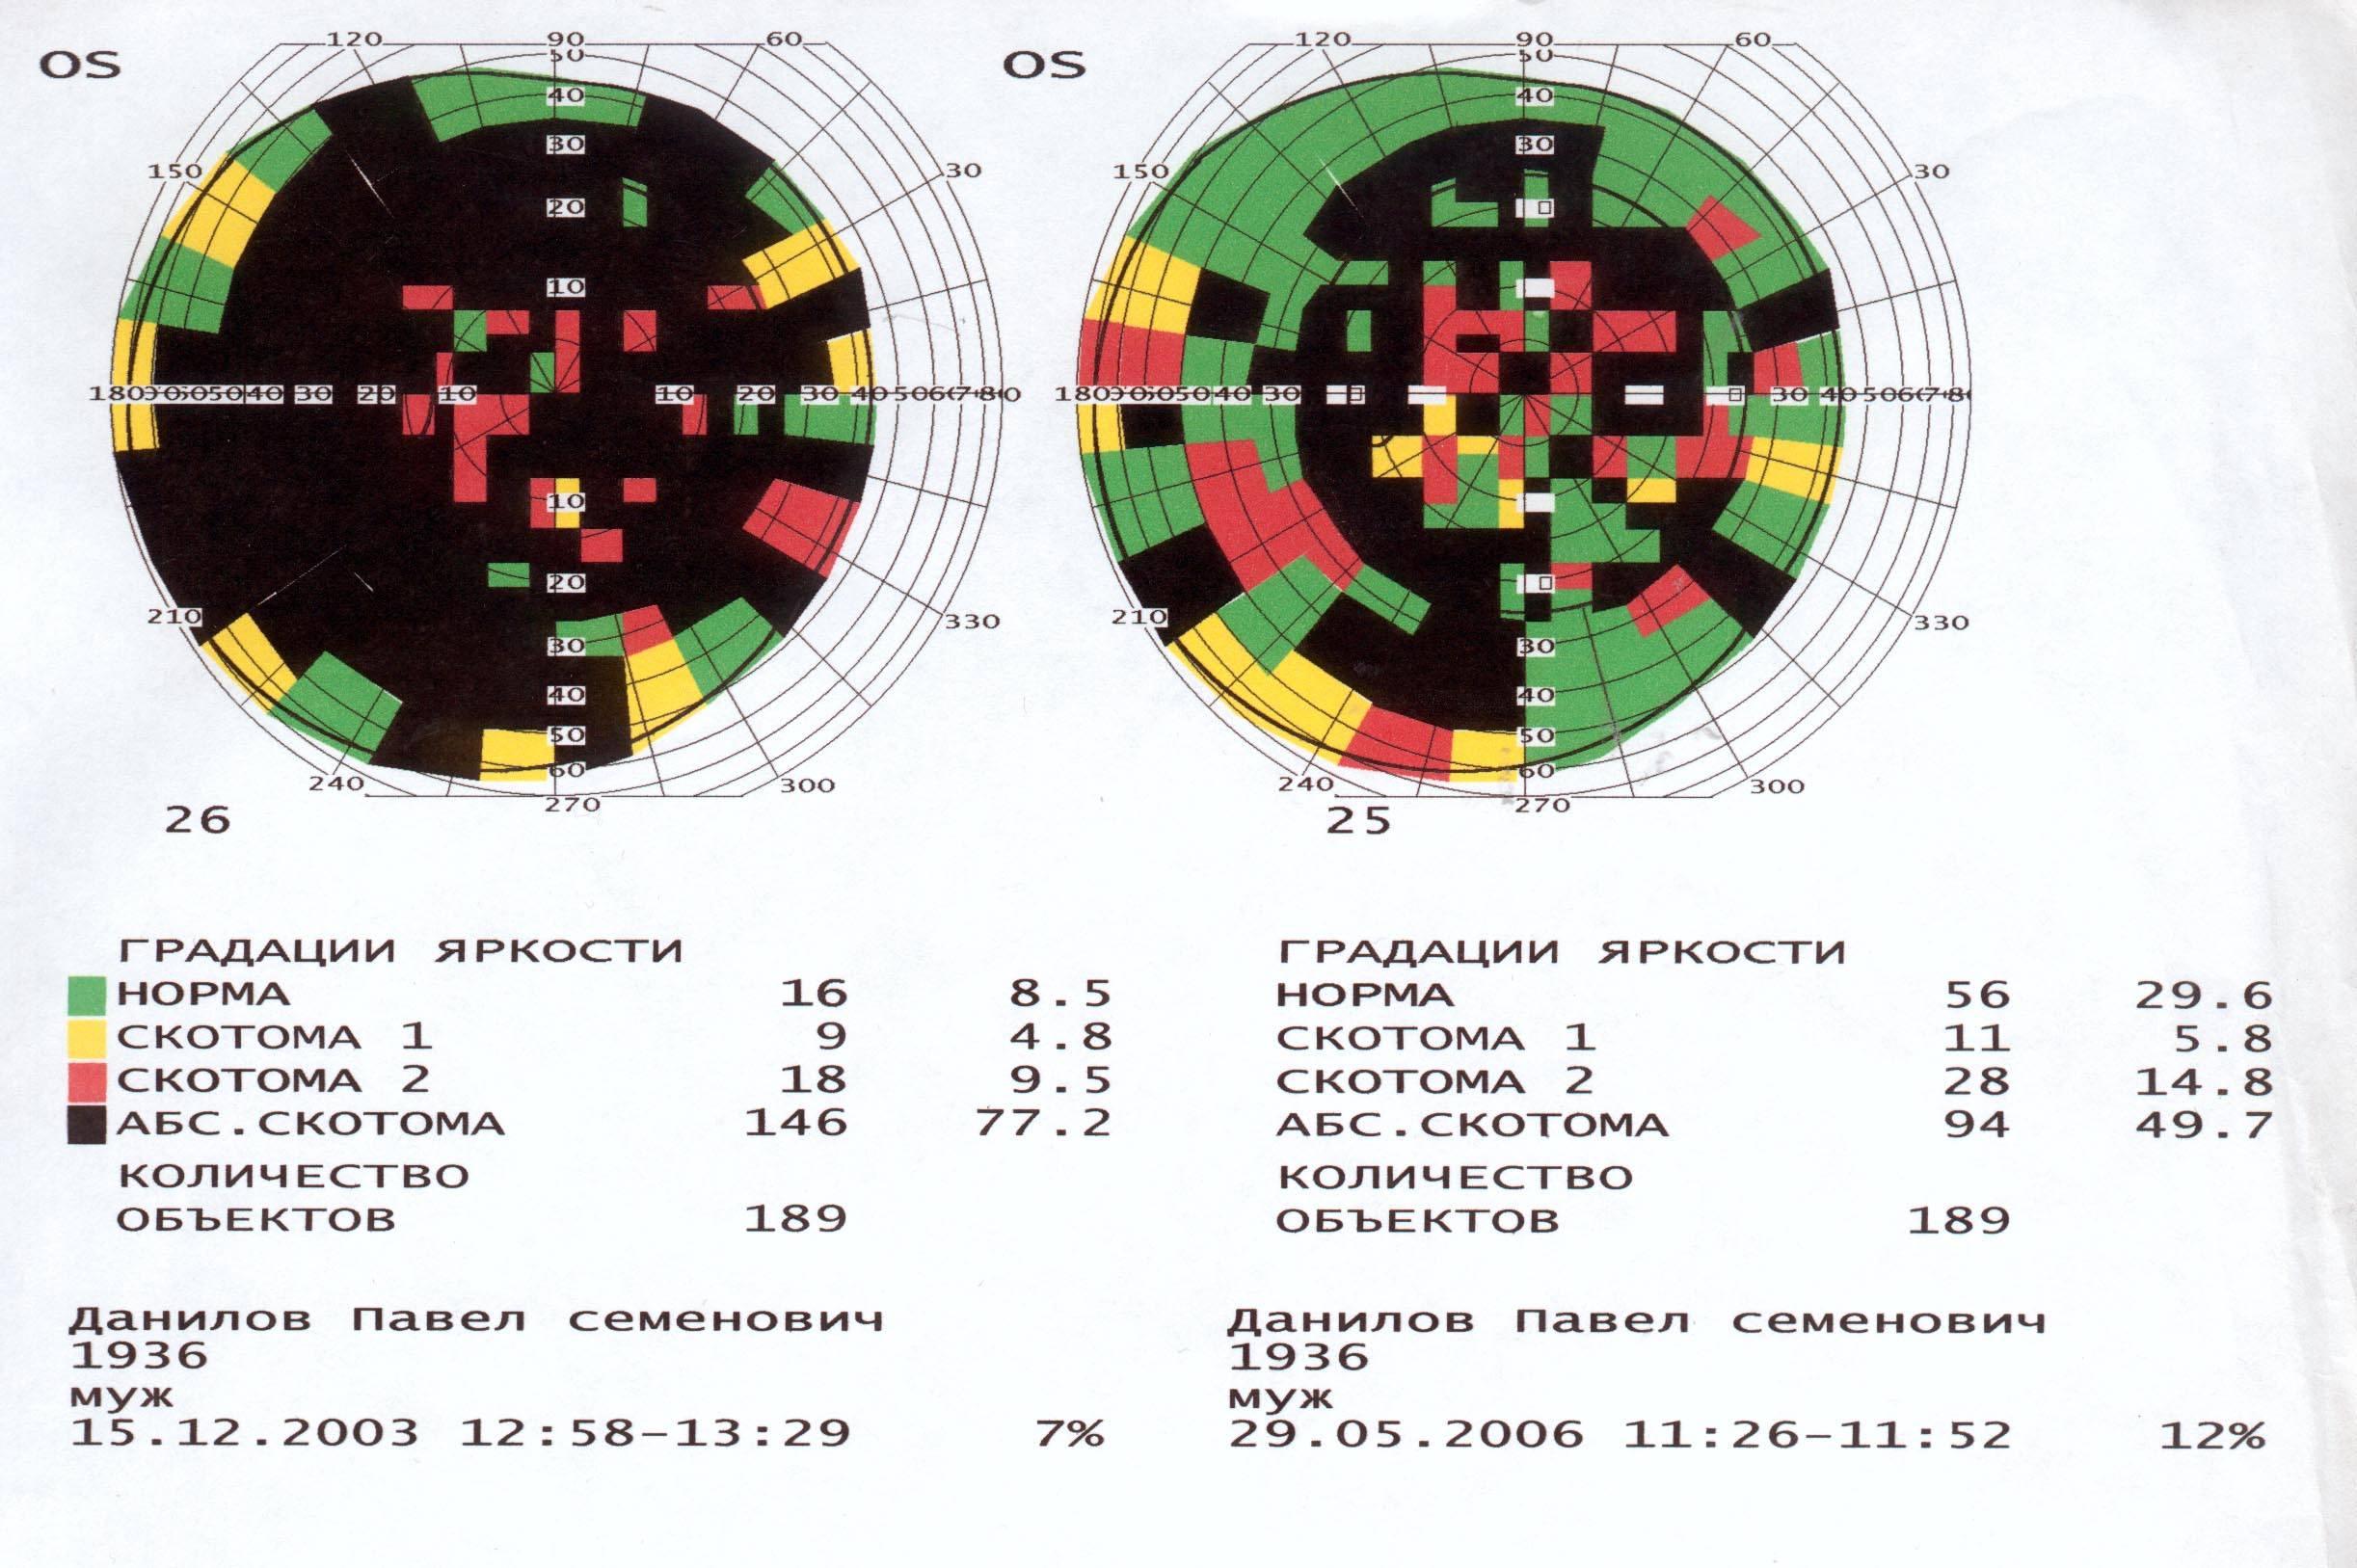 Скотома в поле зрения: причины и лечение. виды скотом, диагностика и лечение. сайт «московская офтальмология»